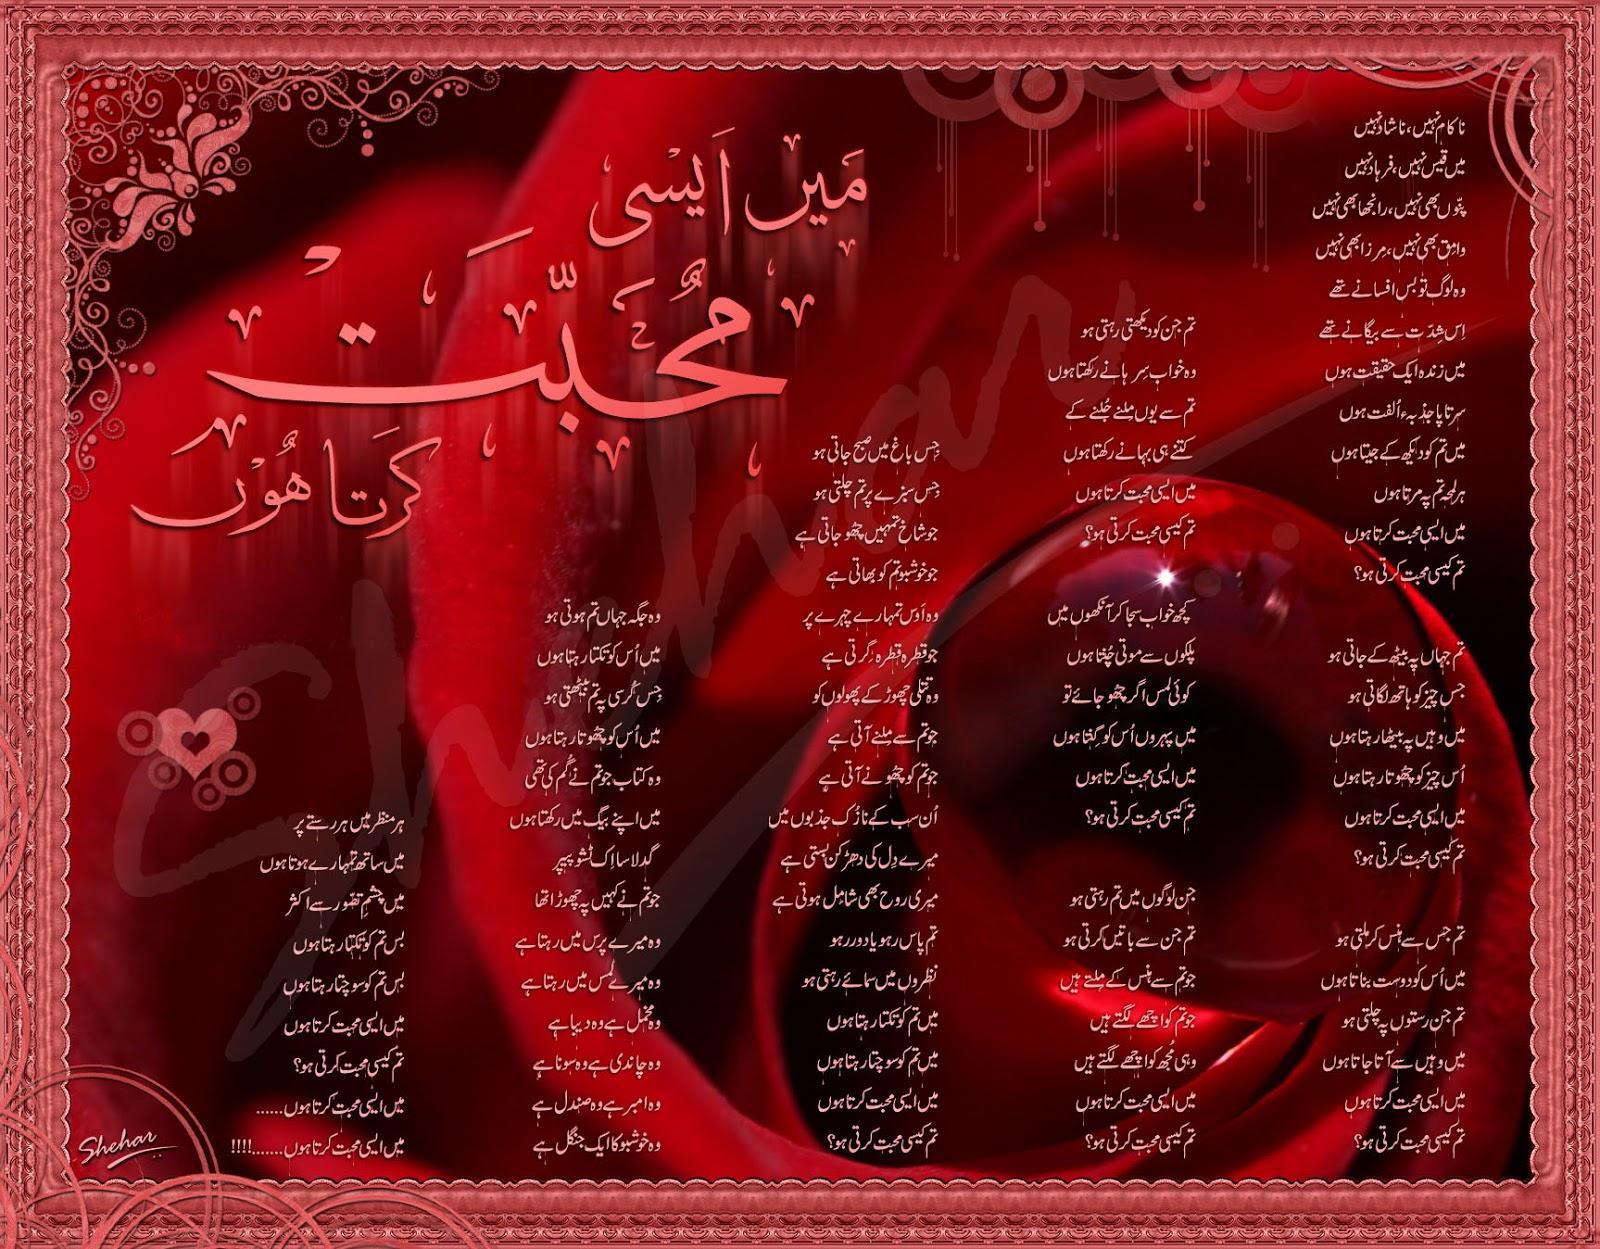 Main Aisi Mohabbat Karta Hoon- Khalil Ullah Farooqui - Urdu Poetry Shayari Designed Urdu Poetry